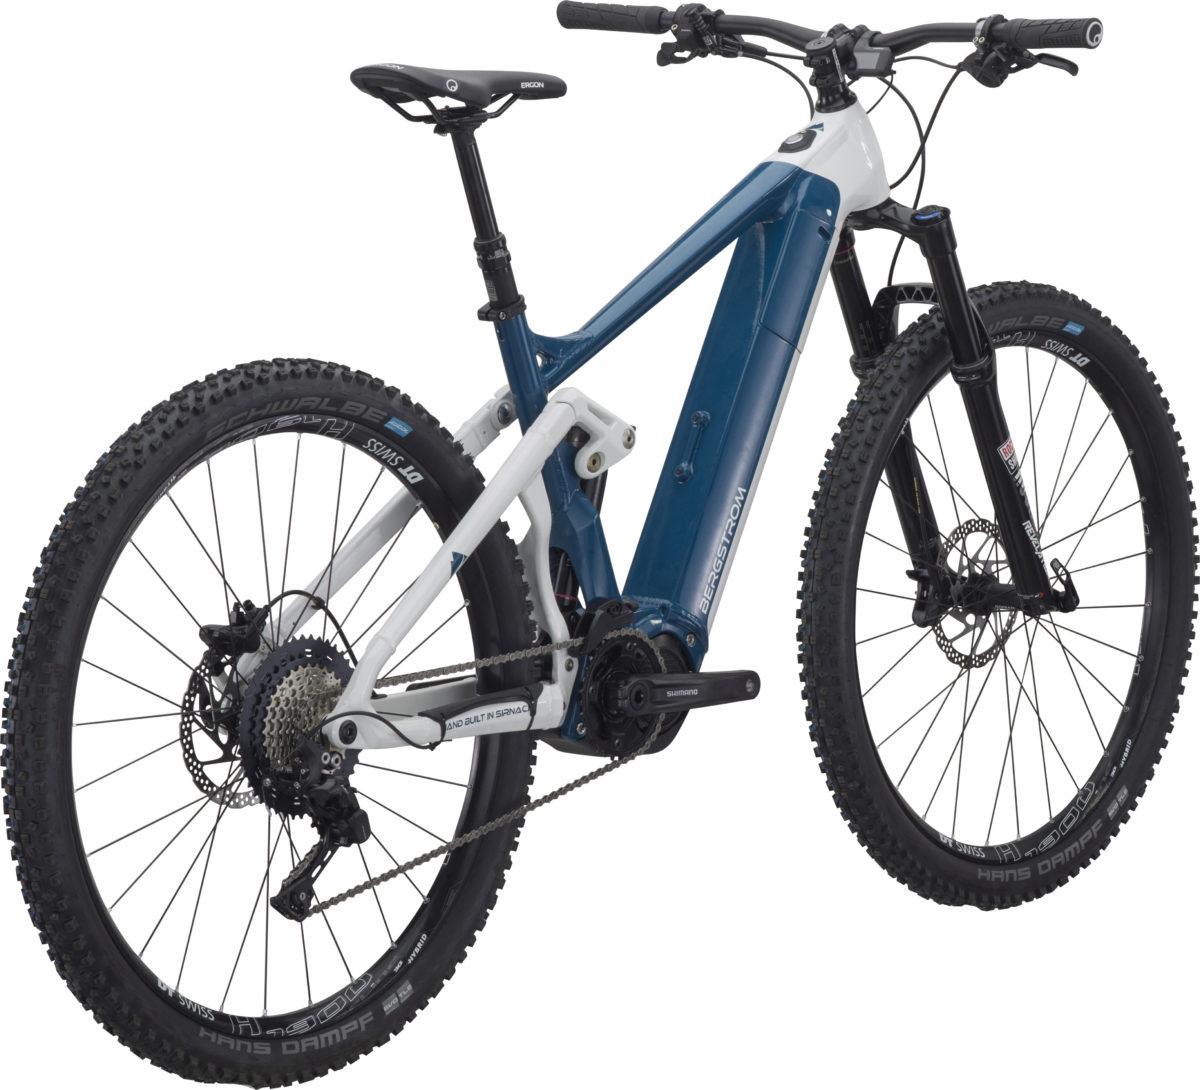 Bergstrom ATV 949 – eMTB